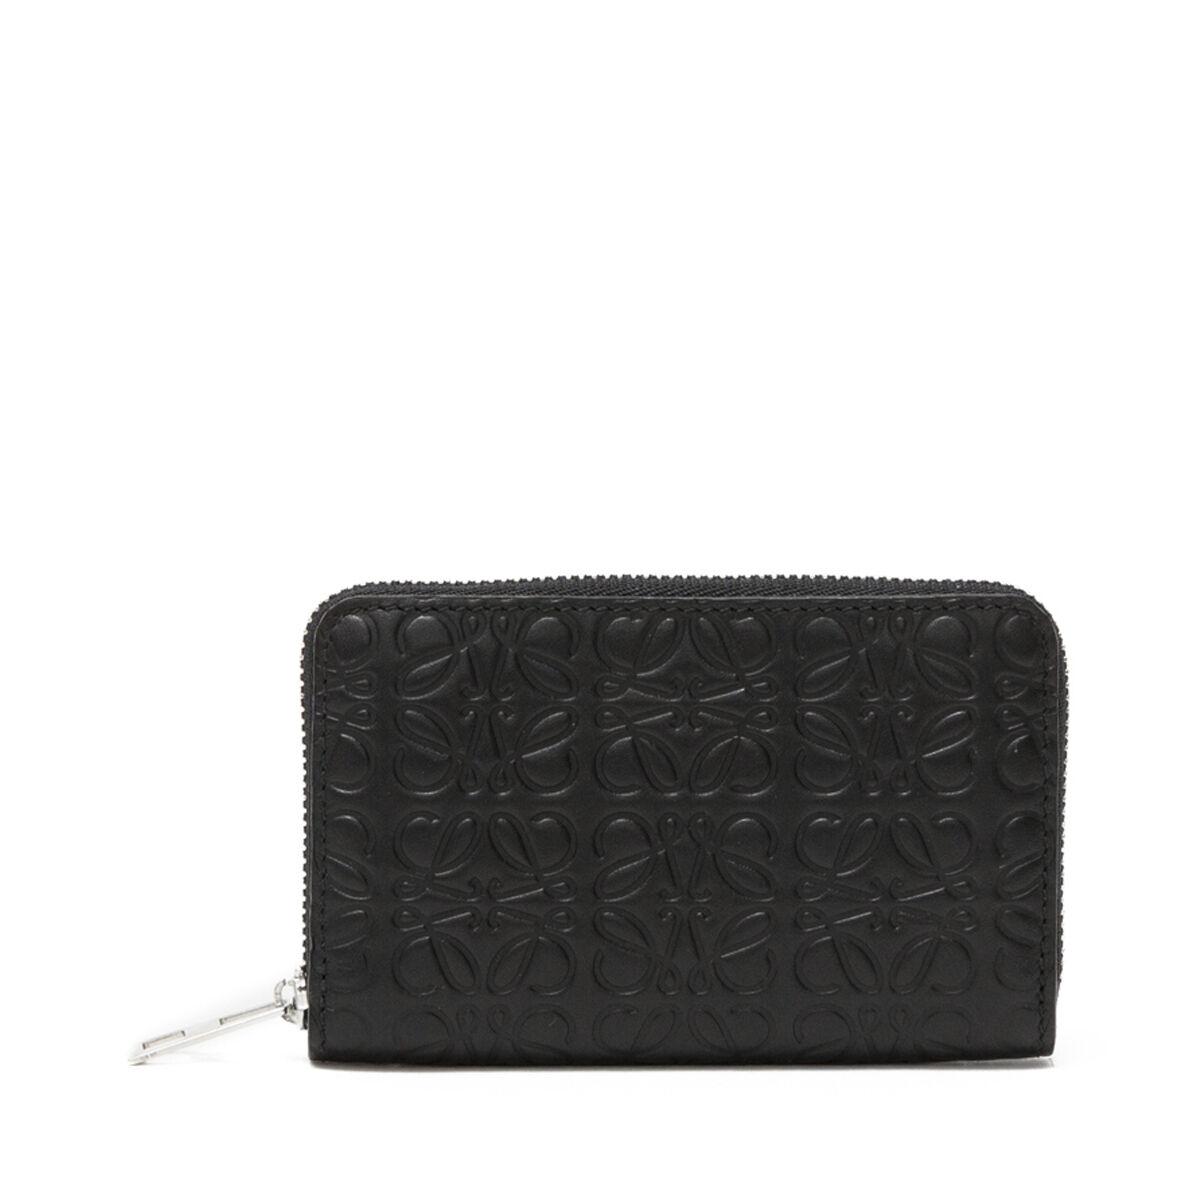 LOEWE Zip Card Holder Black all